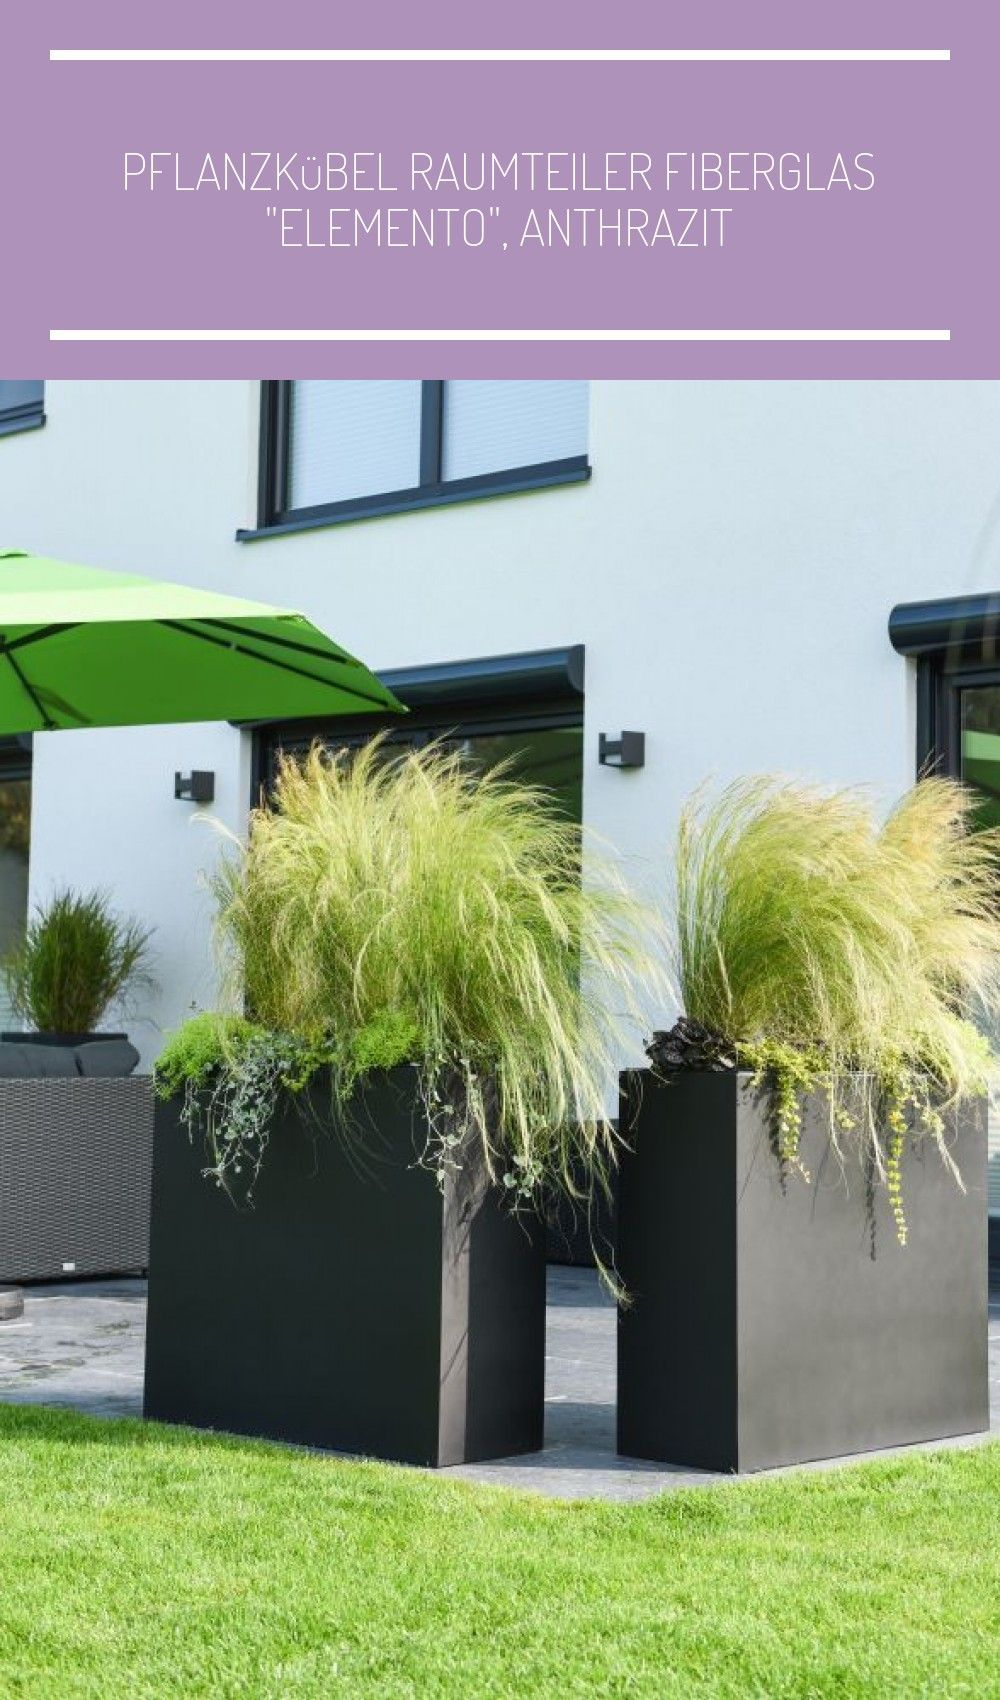 Fur Sichtschutz Auf Der Terrasse Dieser Pflanzkubel Raumteiler